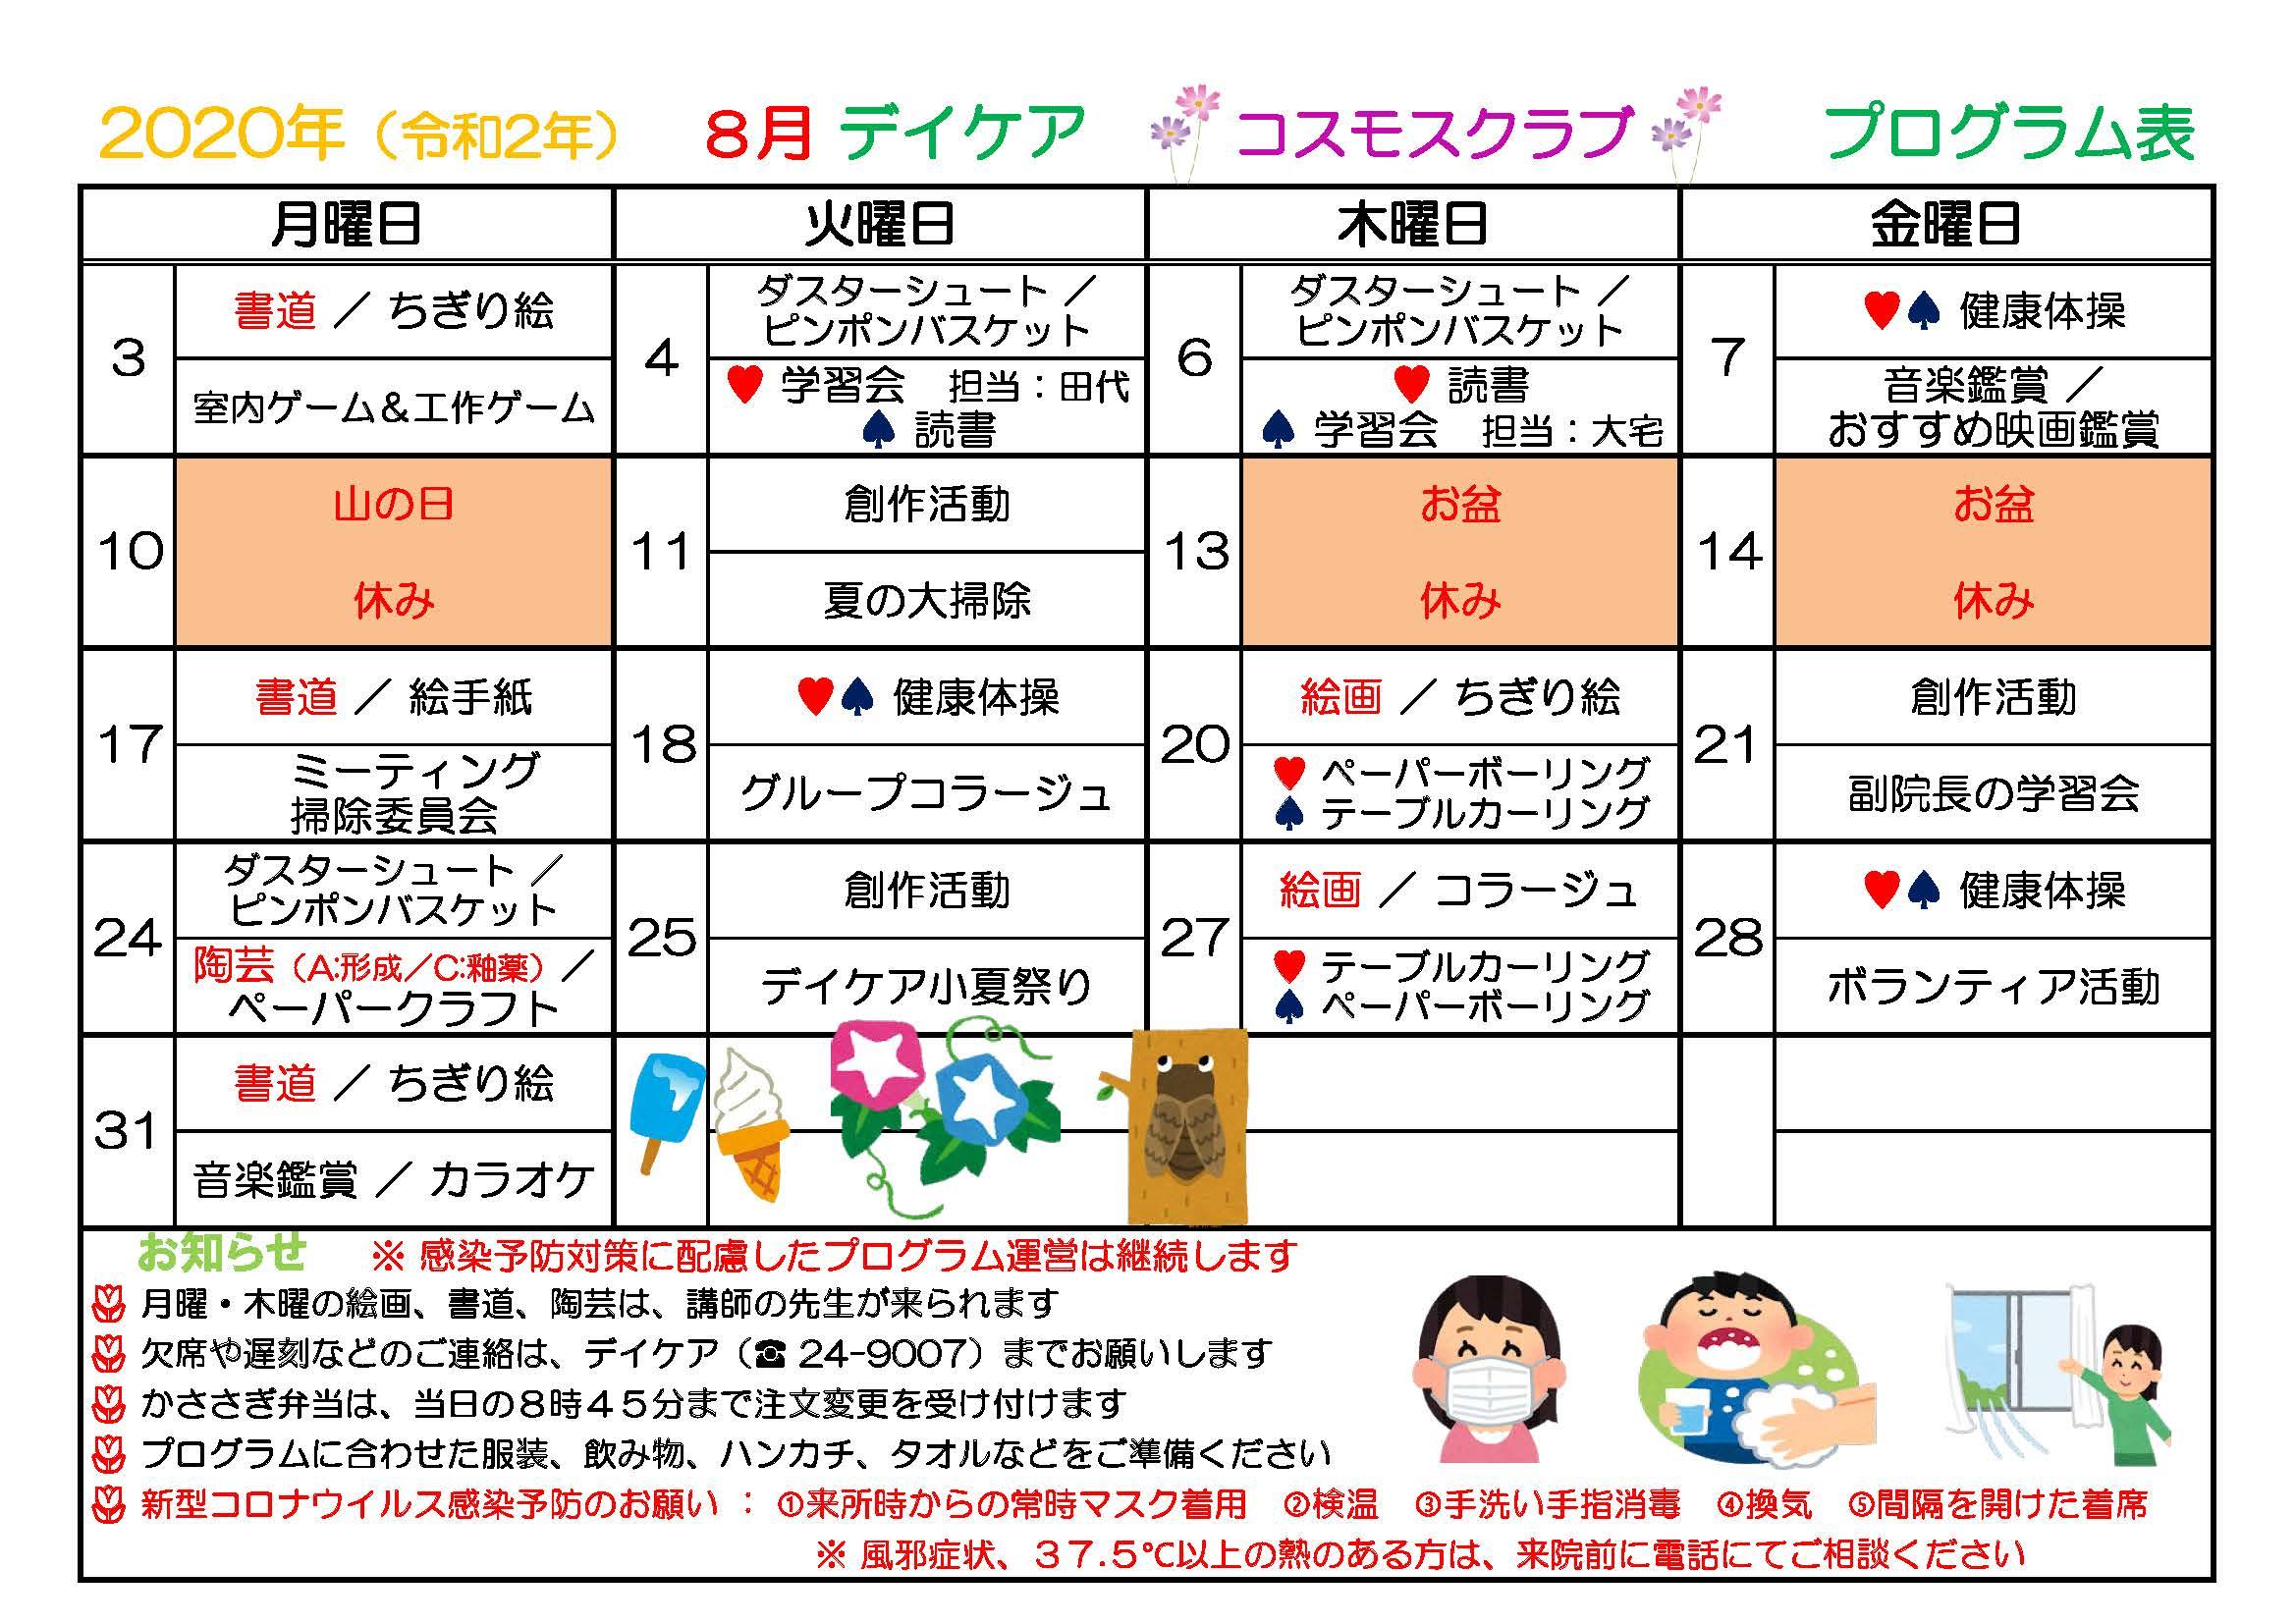 2020年8月プログラム表